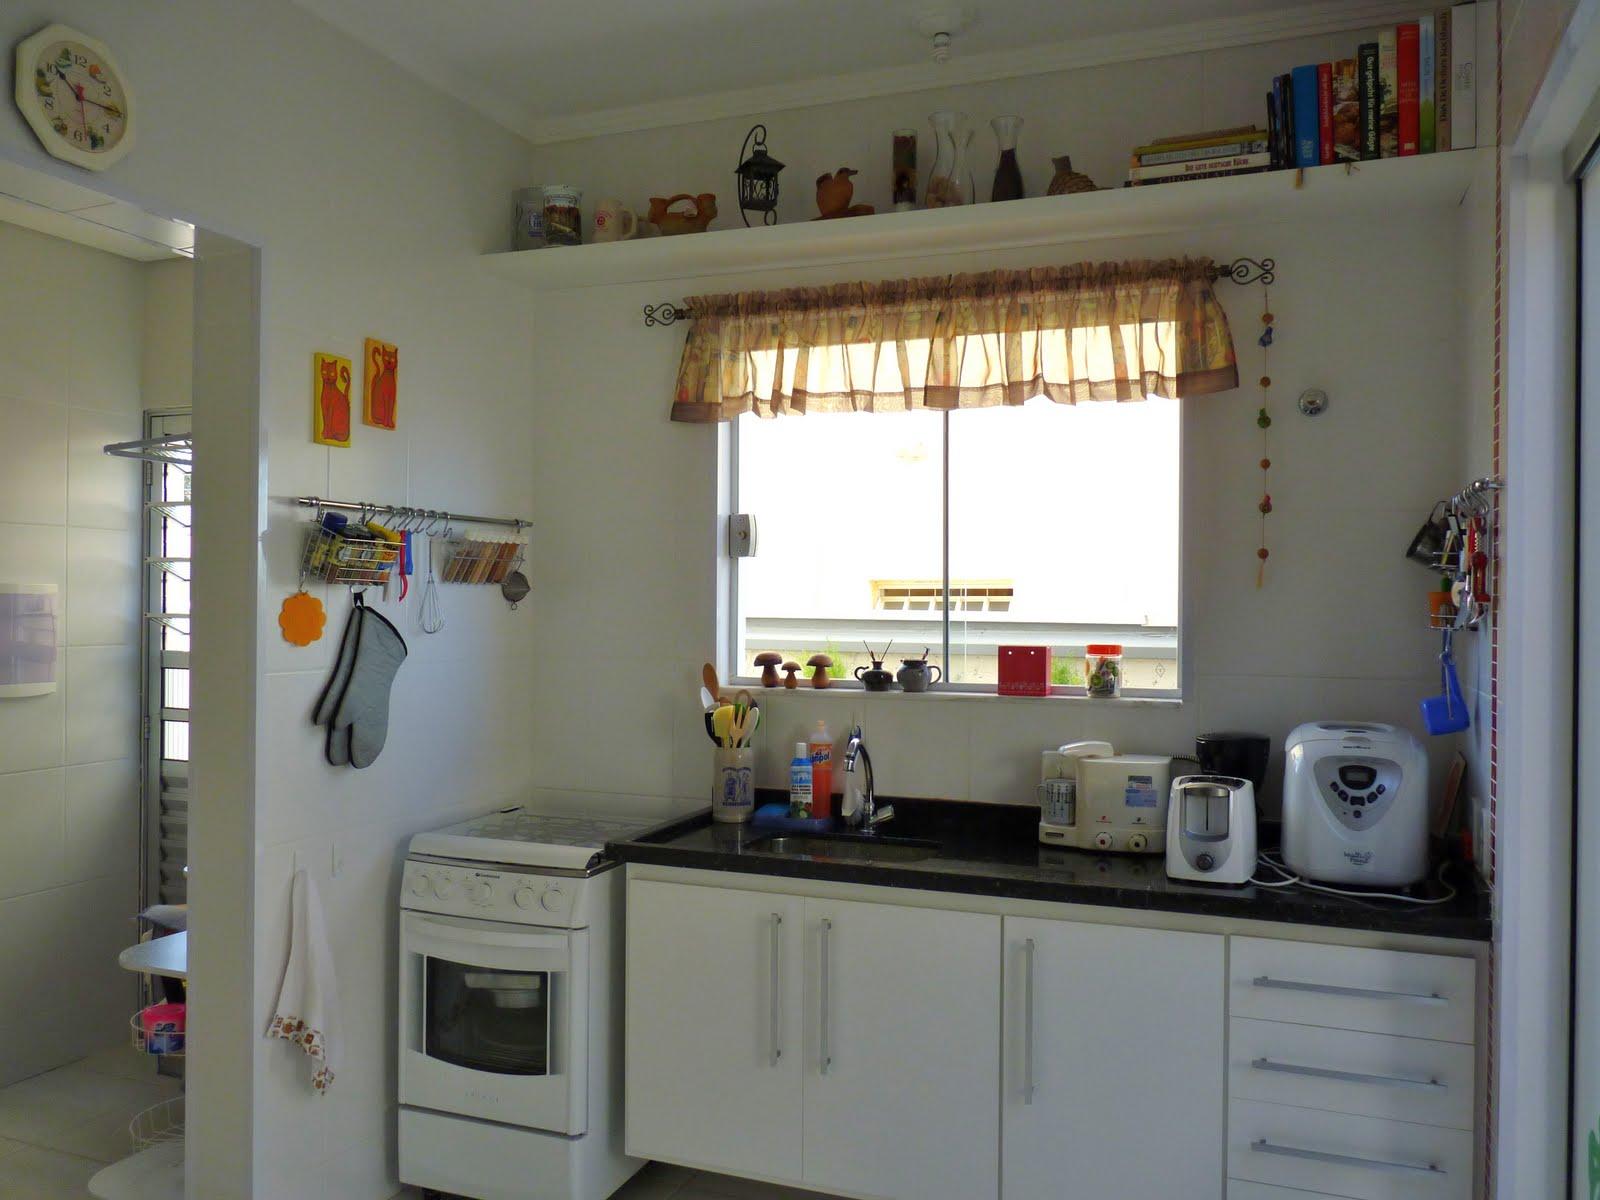 Cozinhas Planejadas Para Cozinha Planejada Pequena Tattoo Images #644432 1600 1200